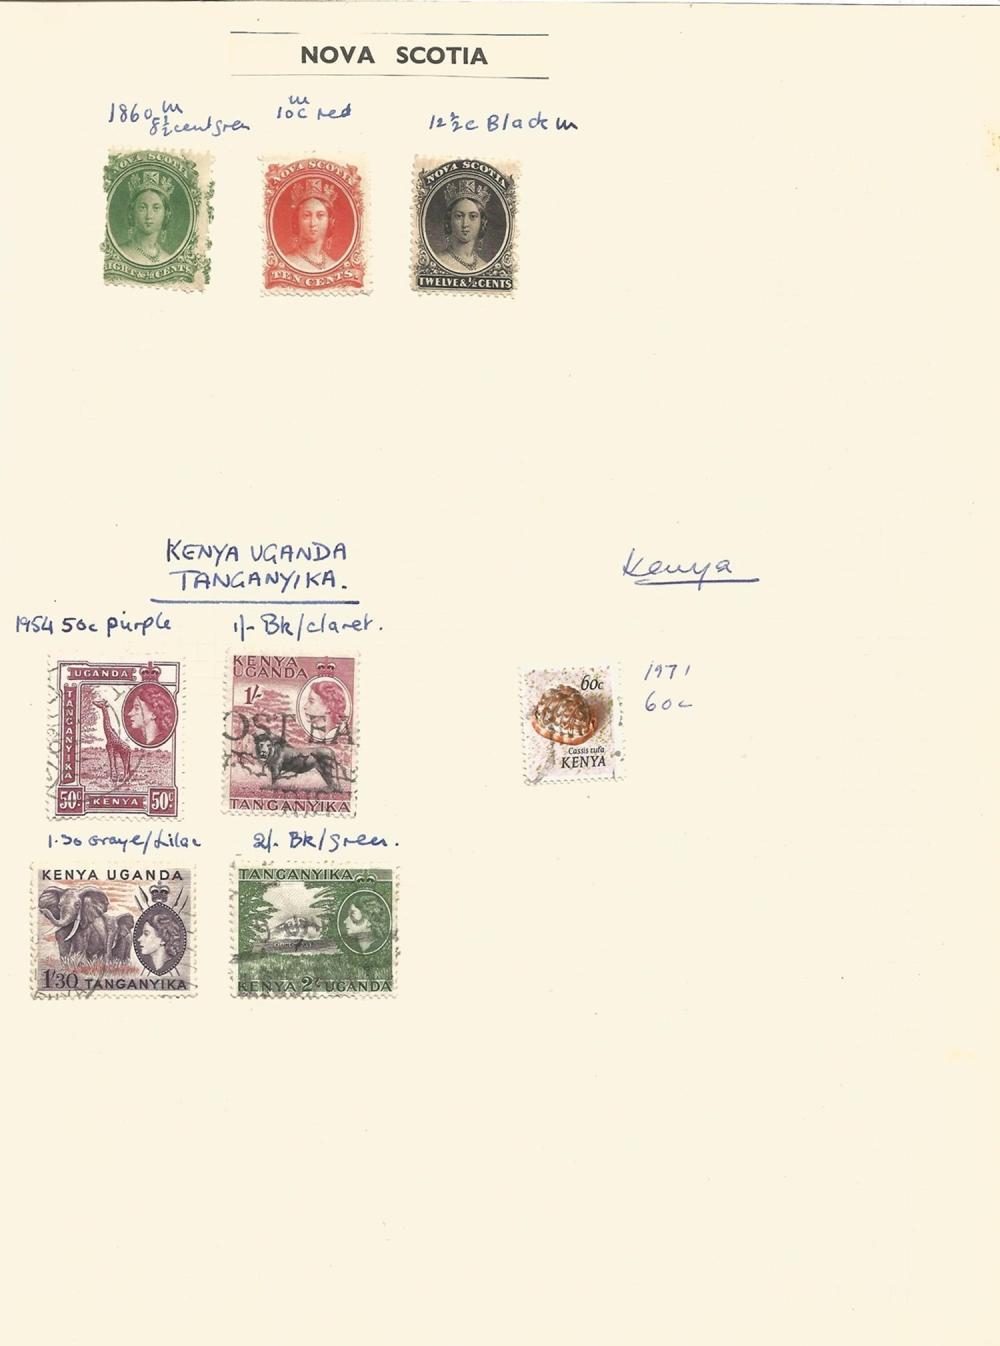 Nova Scotia, Kenya Uganda Tanganyika, Kenya, stamps on loose sheet, approx. 8. Good condition. We